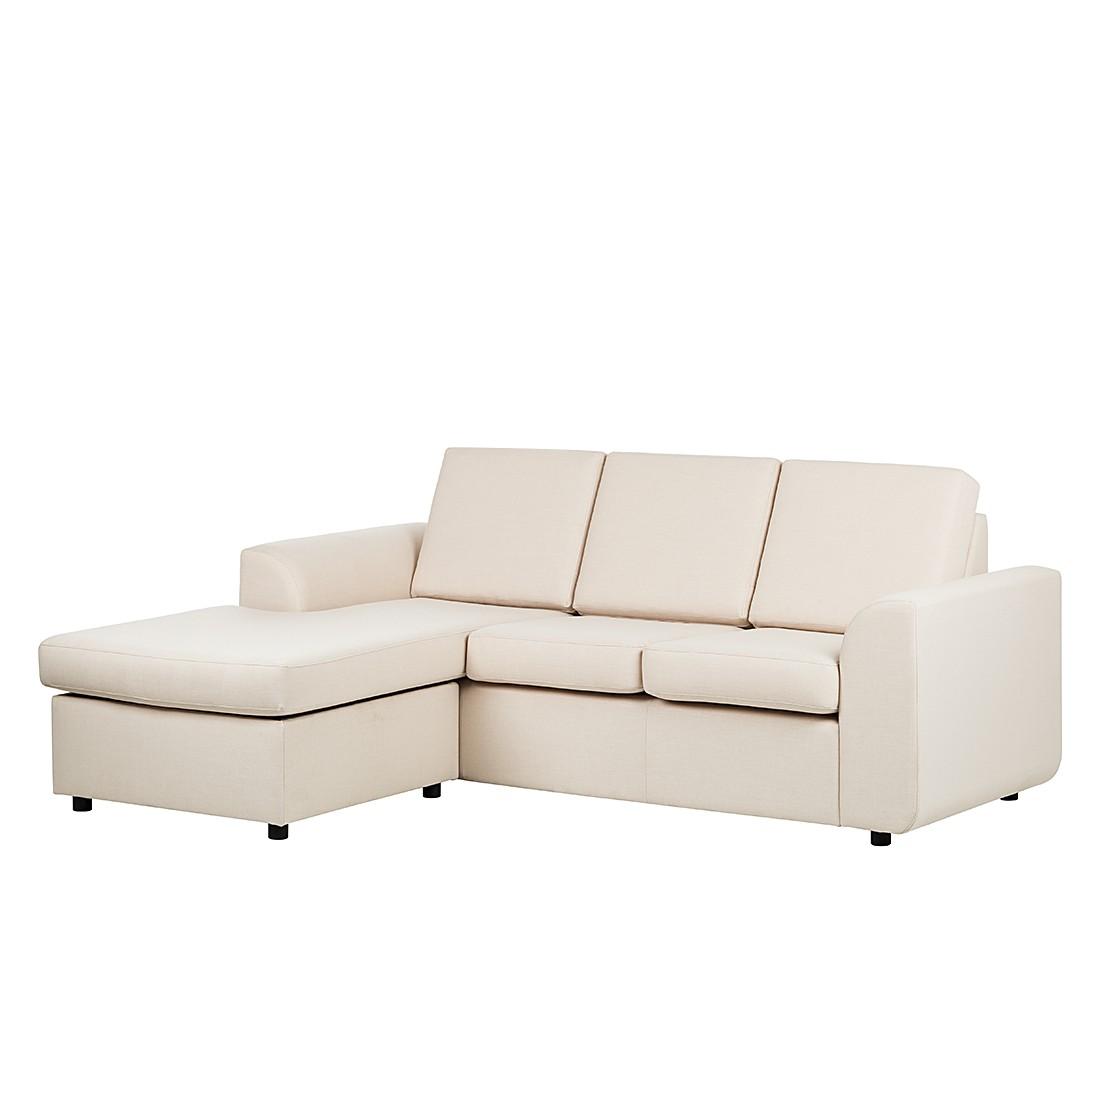 ecksofa sweet stoff beige ottomane links oder rechts montierbar fredriks jetzt kaufen. Black Bedroom Furniture Sets. Home Design Ideas